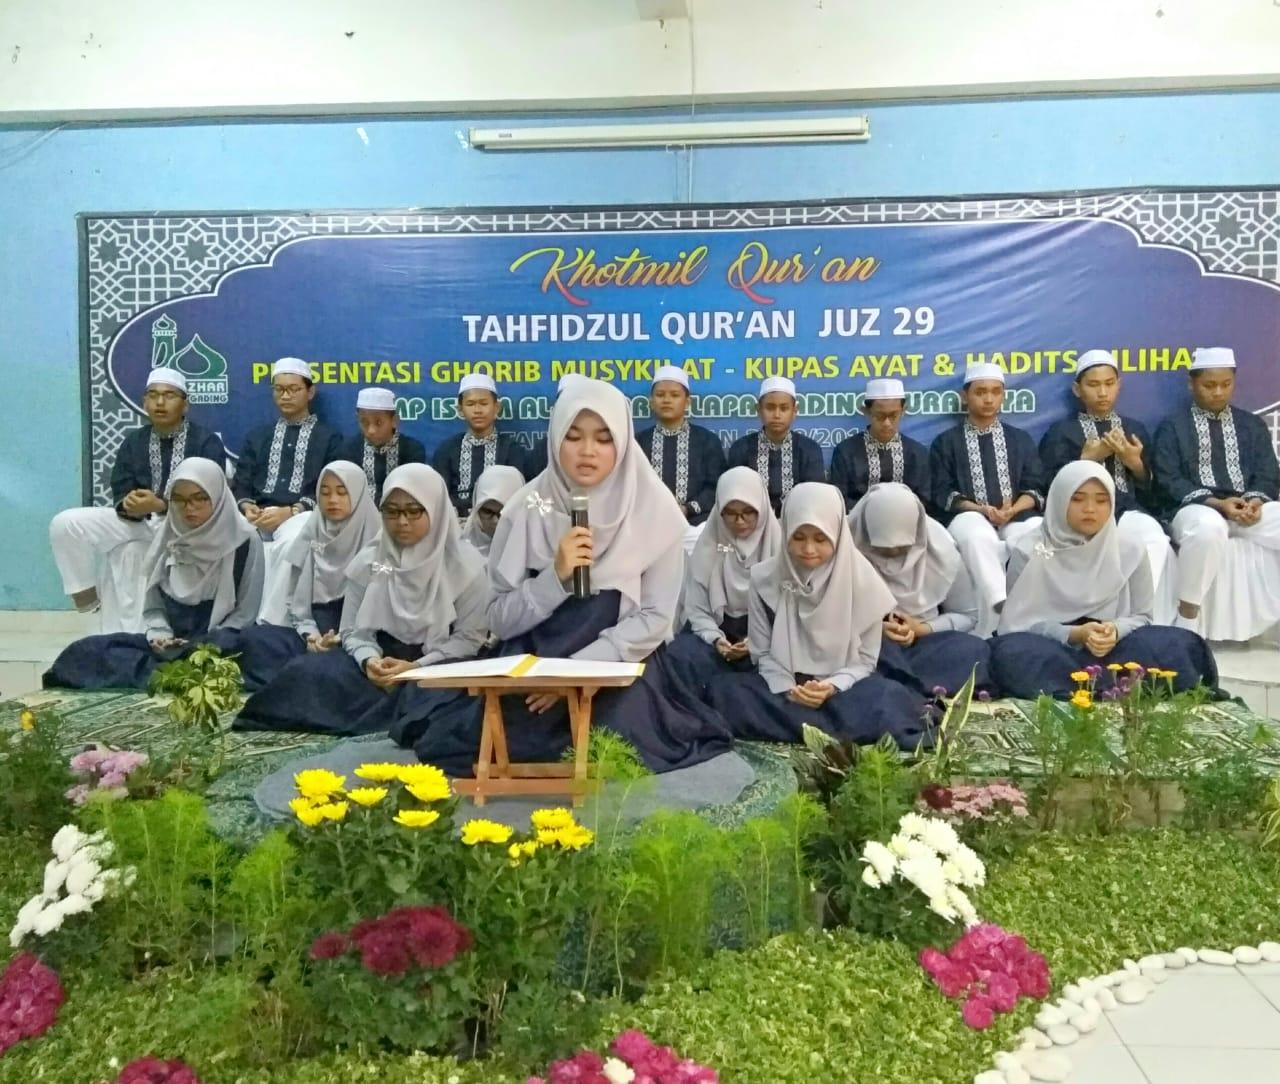 Khotmil Quran Smpi Alazka